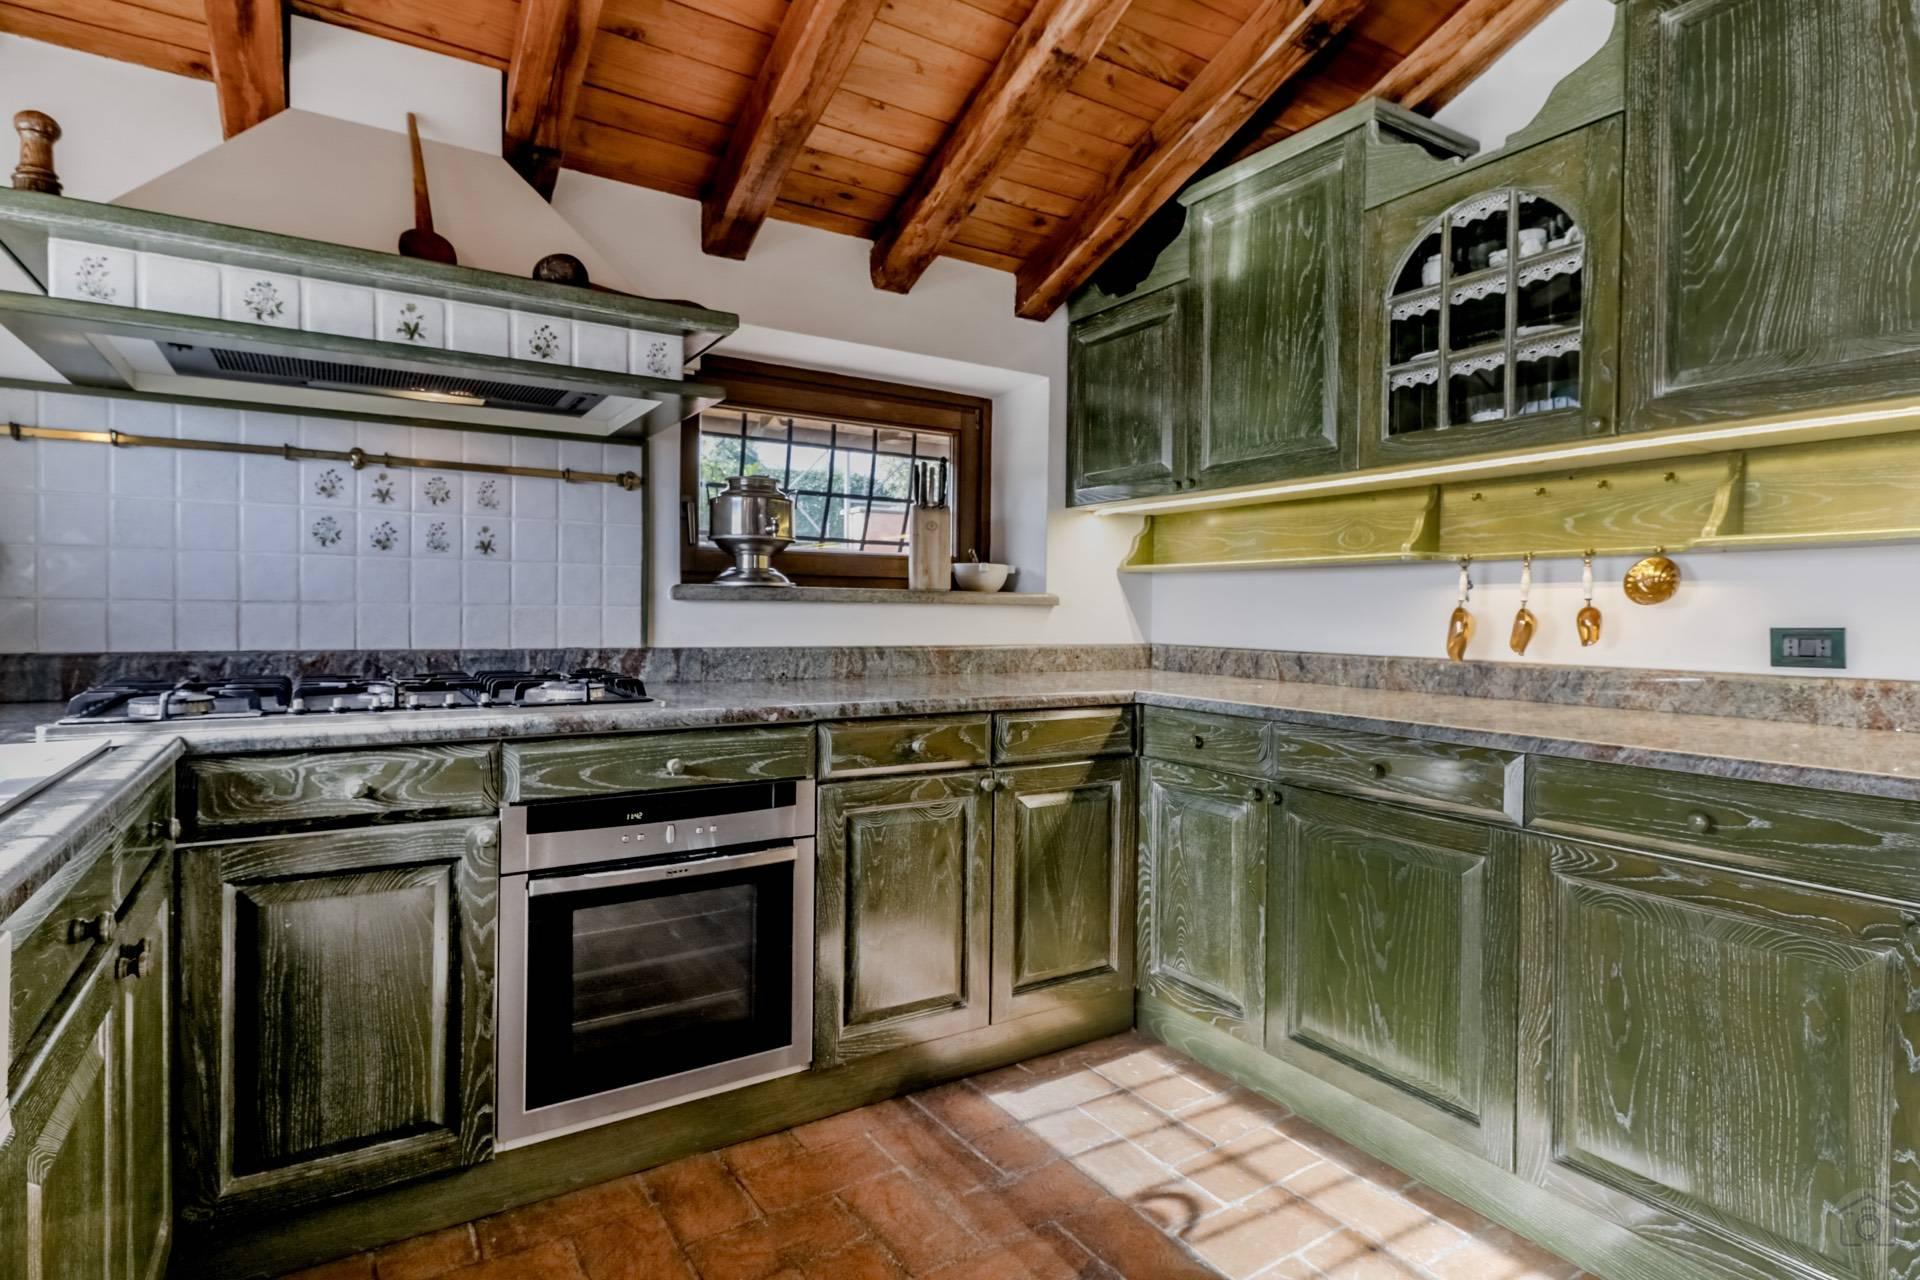 Villa in Vendita a Sacrofano: 5 locali, 180 mq - Foto 10